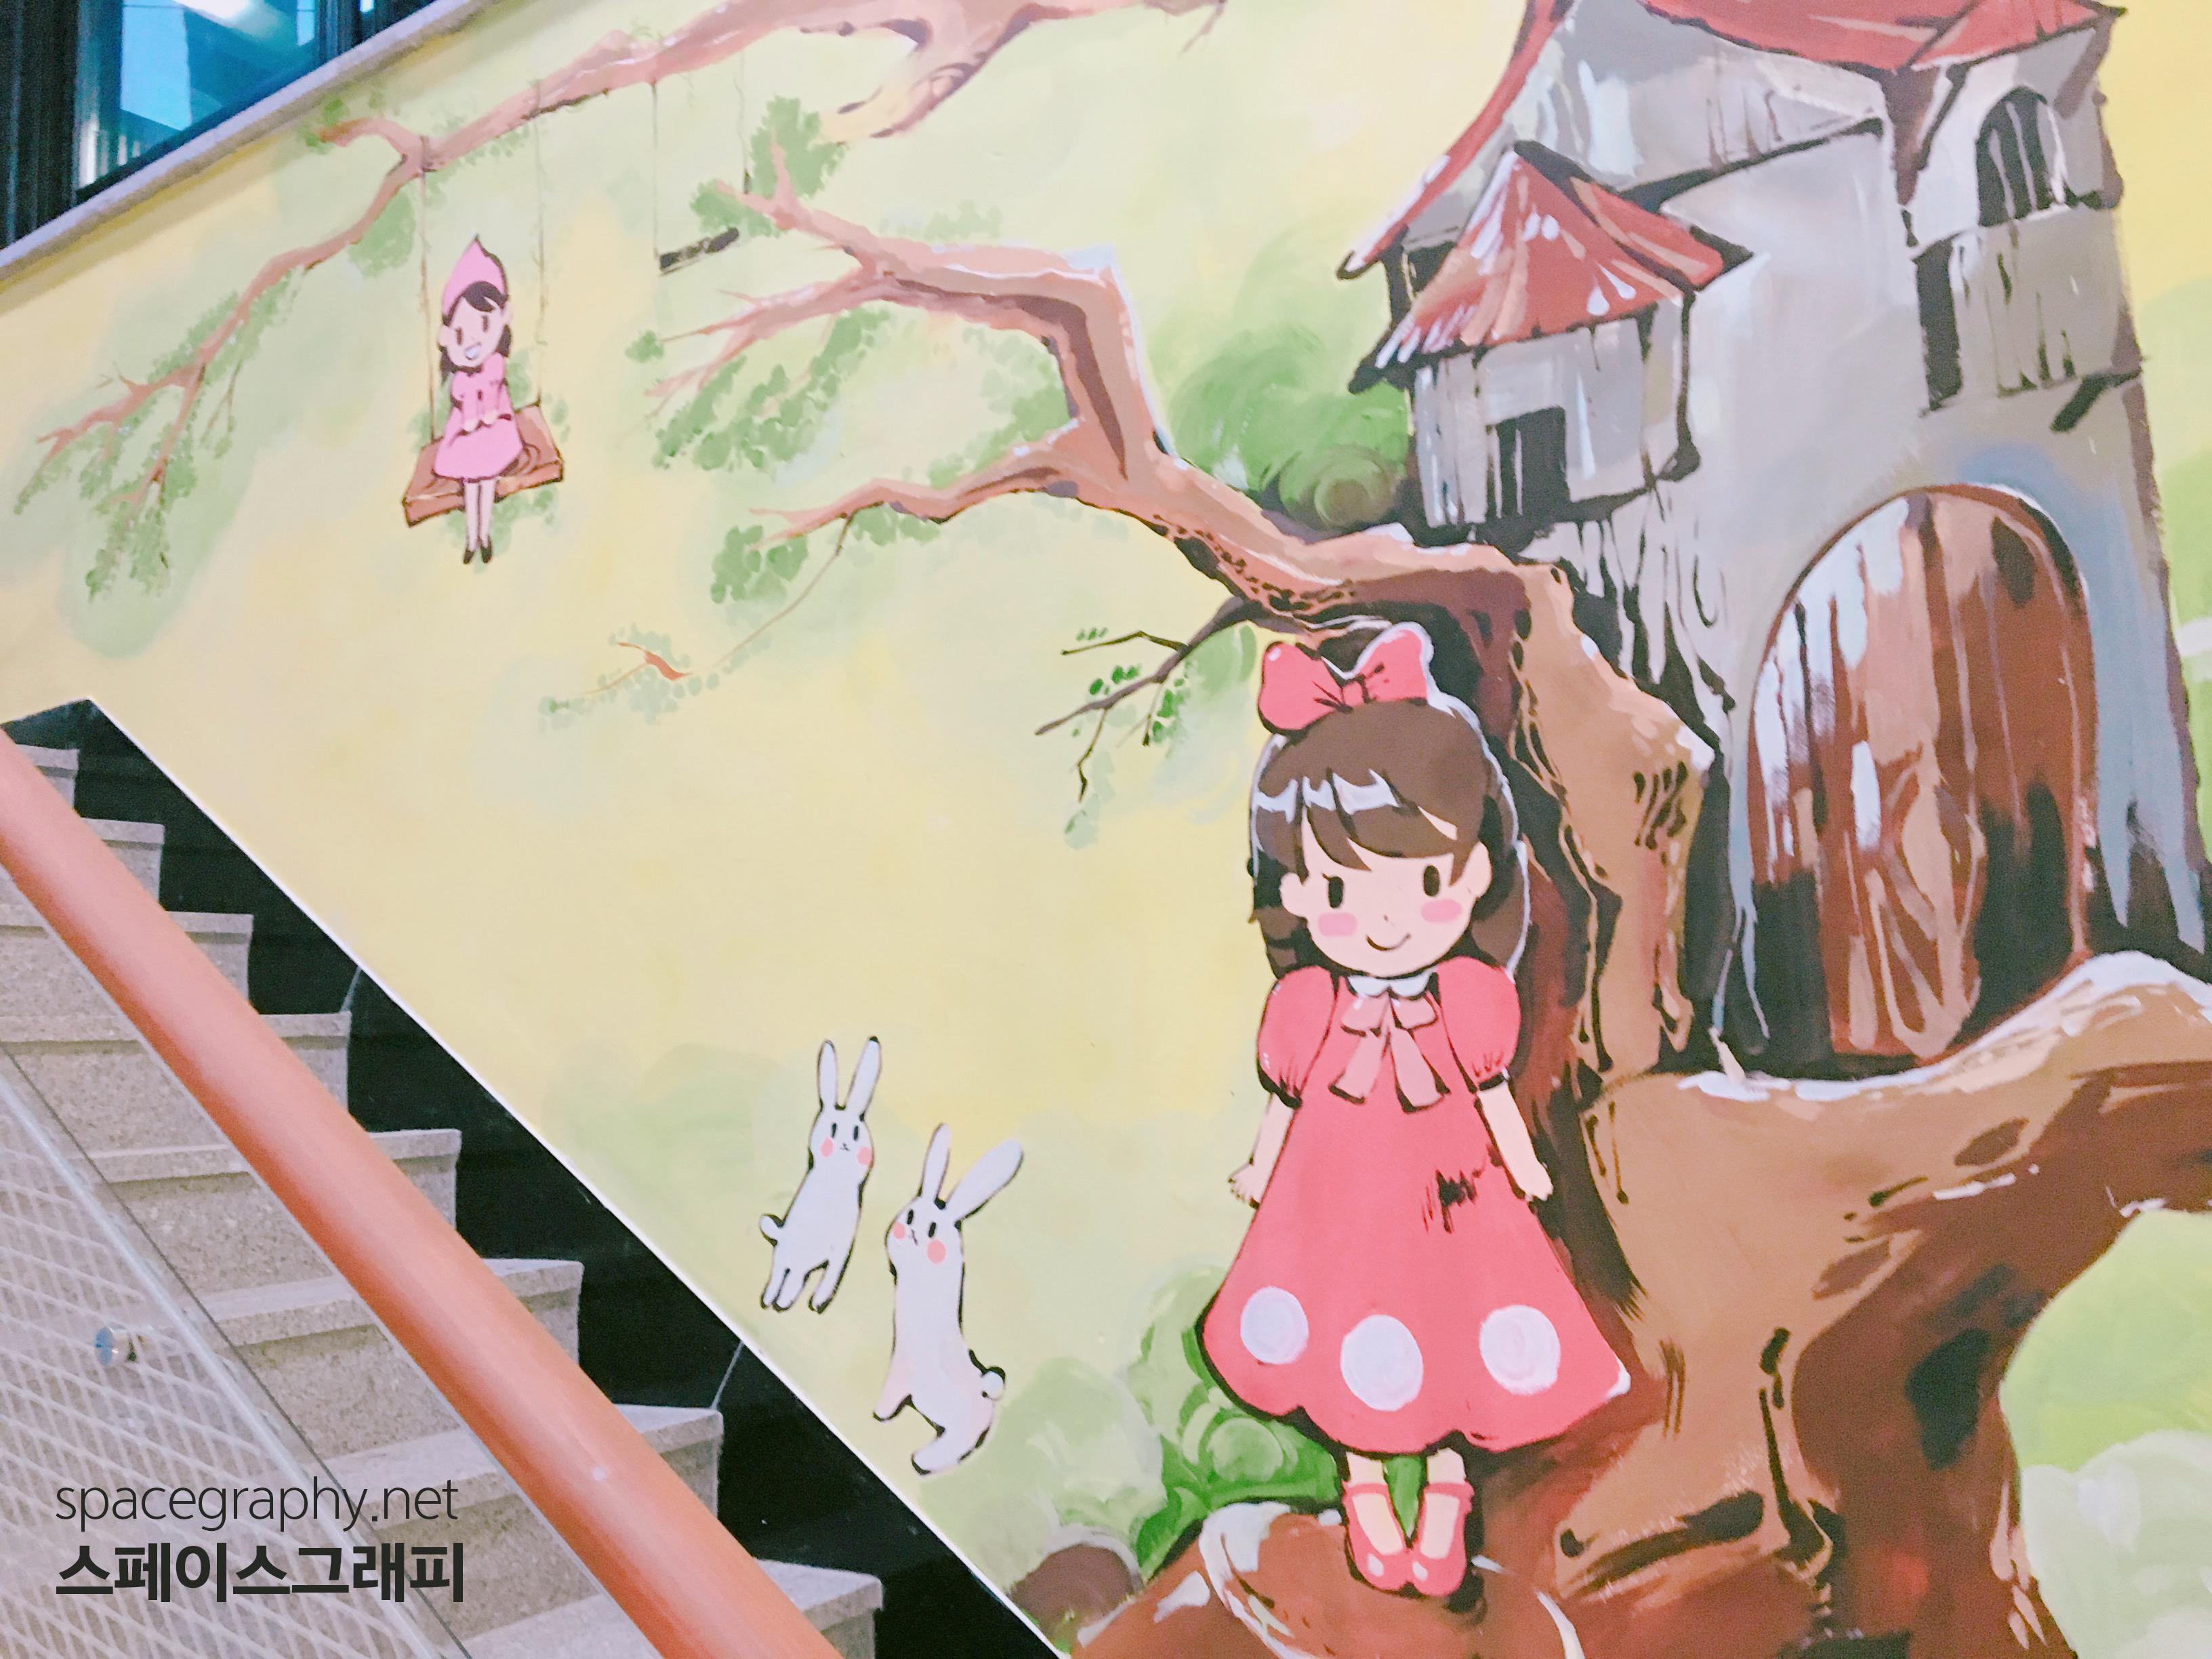 인테리어벽화_어린이집벽화_실내벽화_어린이집인테리어_2